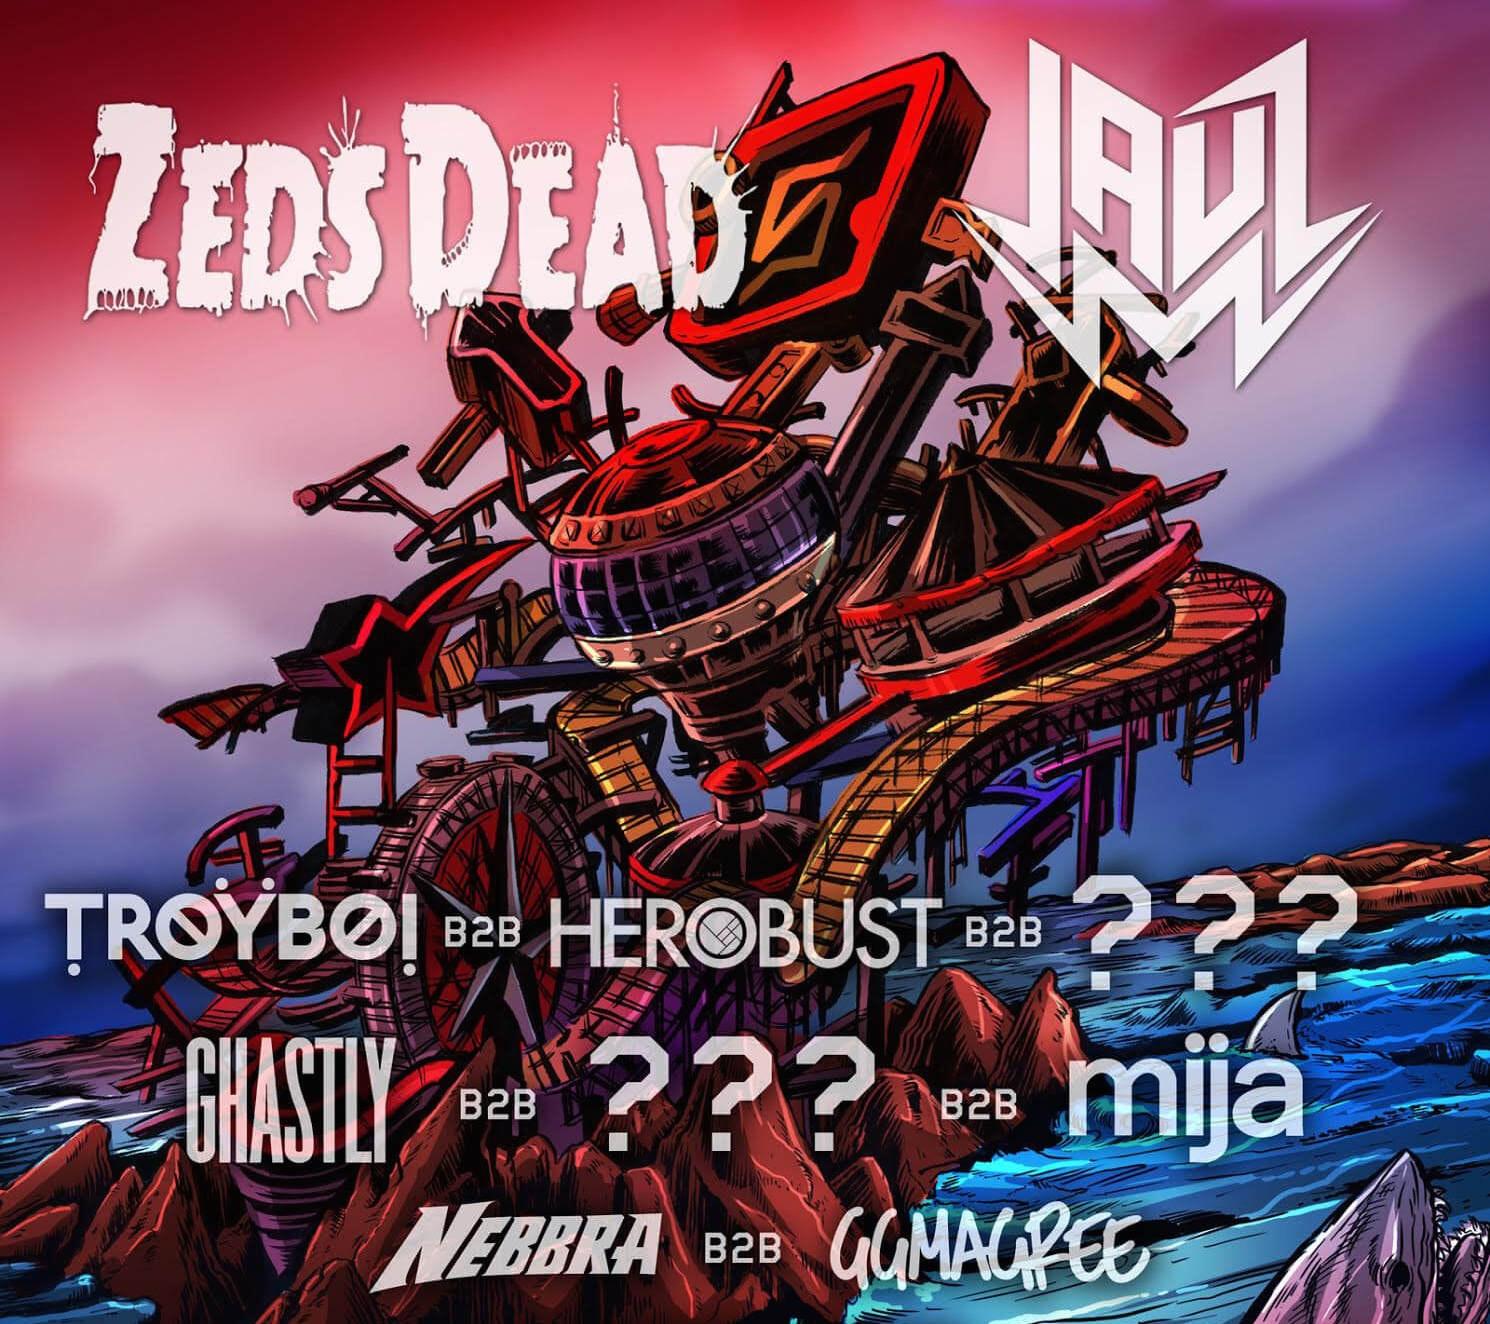 Deadbeats w/ Zeds Dead